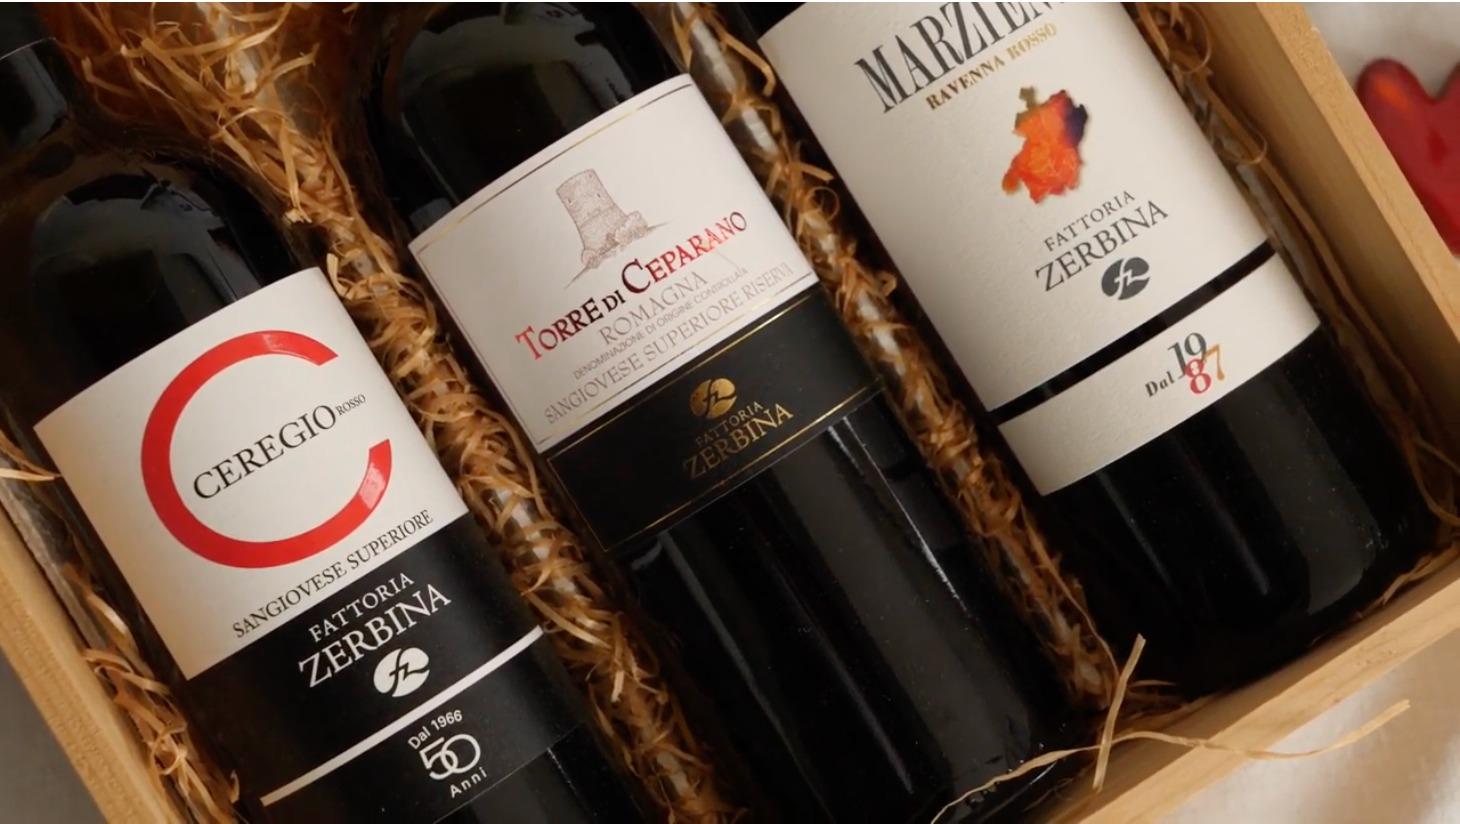 I vini di Fattoria Zerbina, premiati e apprezzati in tutta Italia, sono prodotti da uve coltivate con QdC®